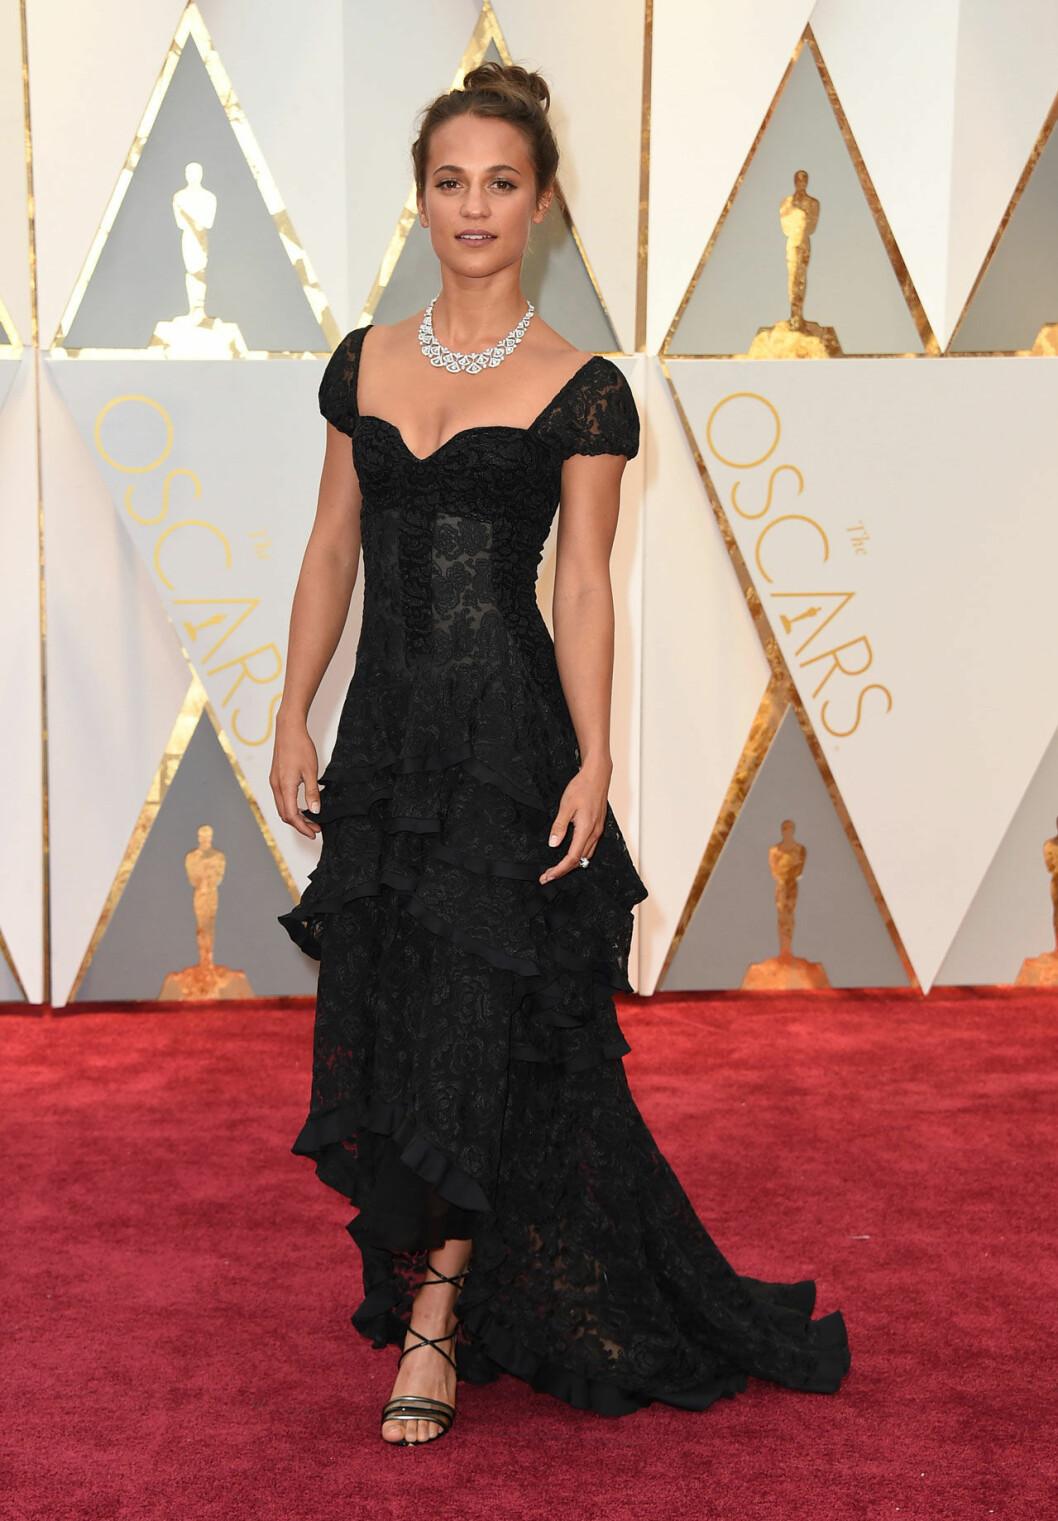 Alicia Vikander i svart klänning och vackert halsband